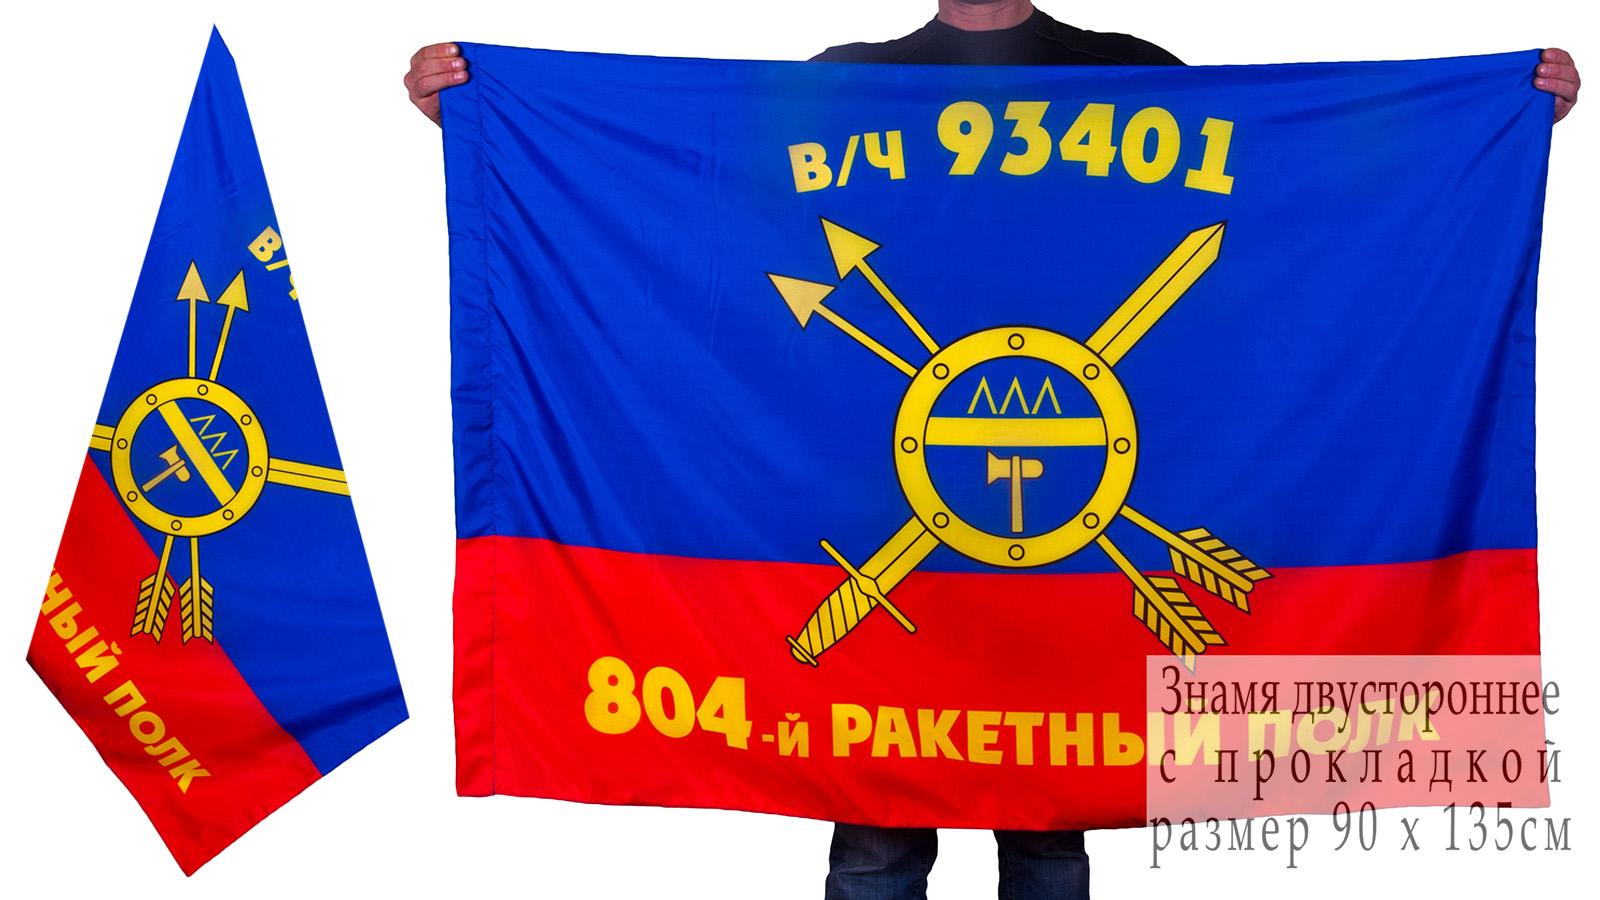 Знамя 804-го ракетного полка РВСН